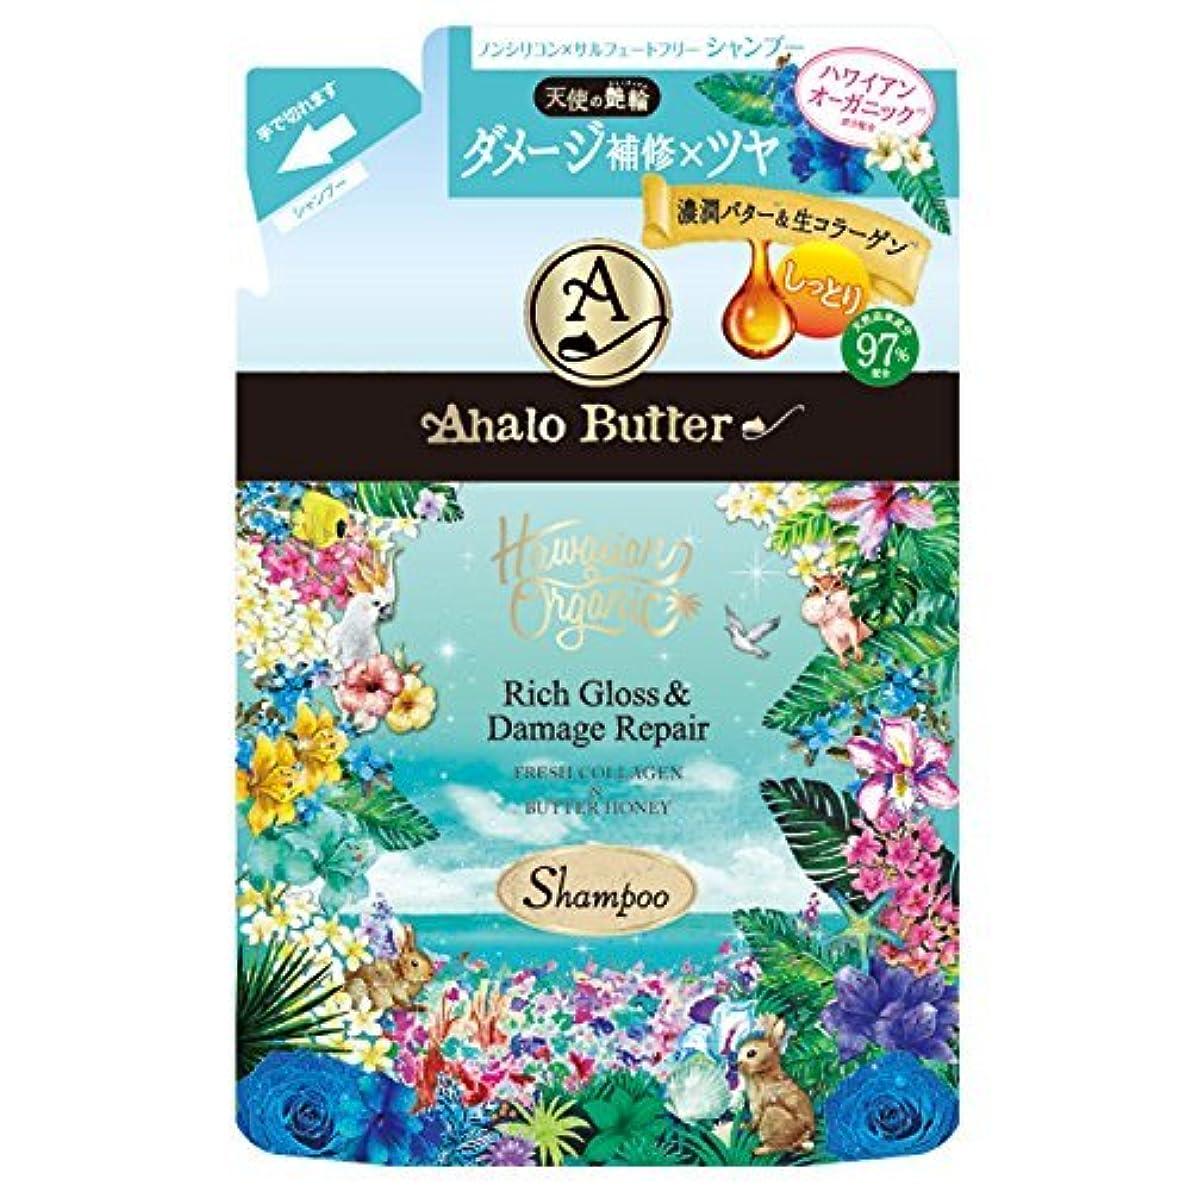 コンテスト続けるバリアAhalo butter(アハロバター) ハワイアンオーガニック リッチグロス&ダメージリペア モイストシャンプー / 詰め替え / 400ml